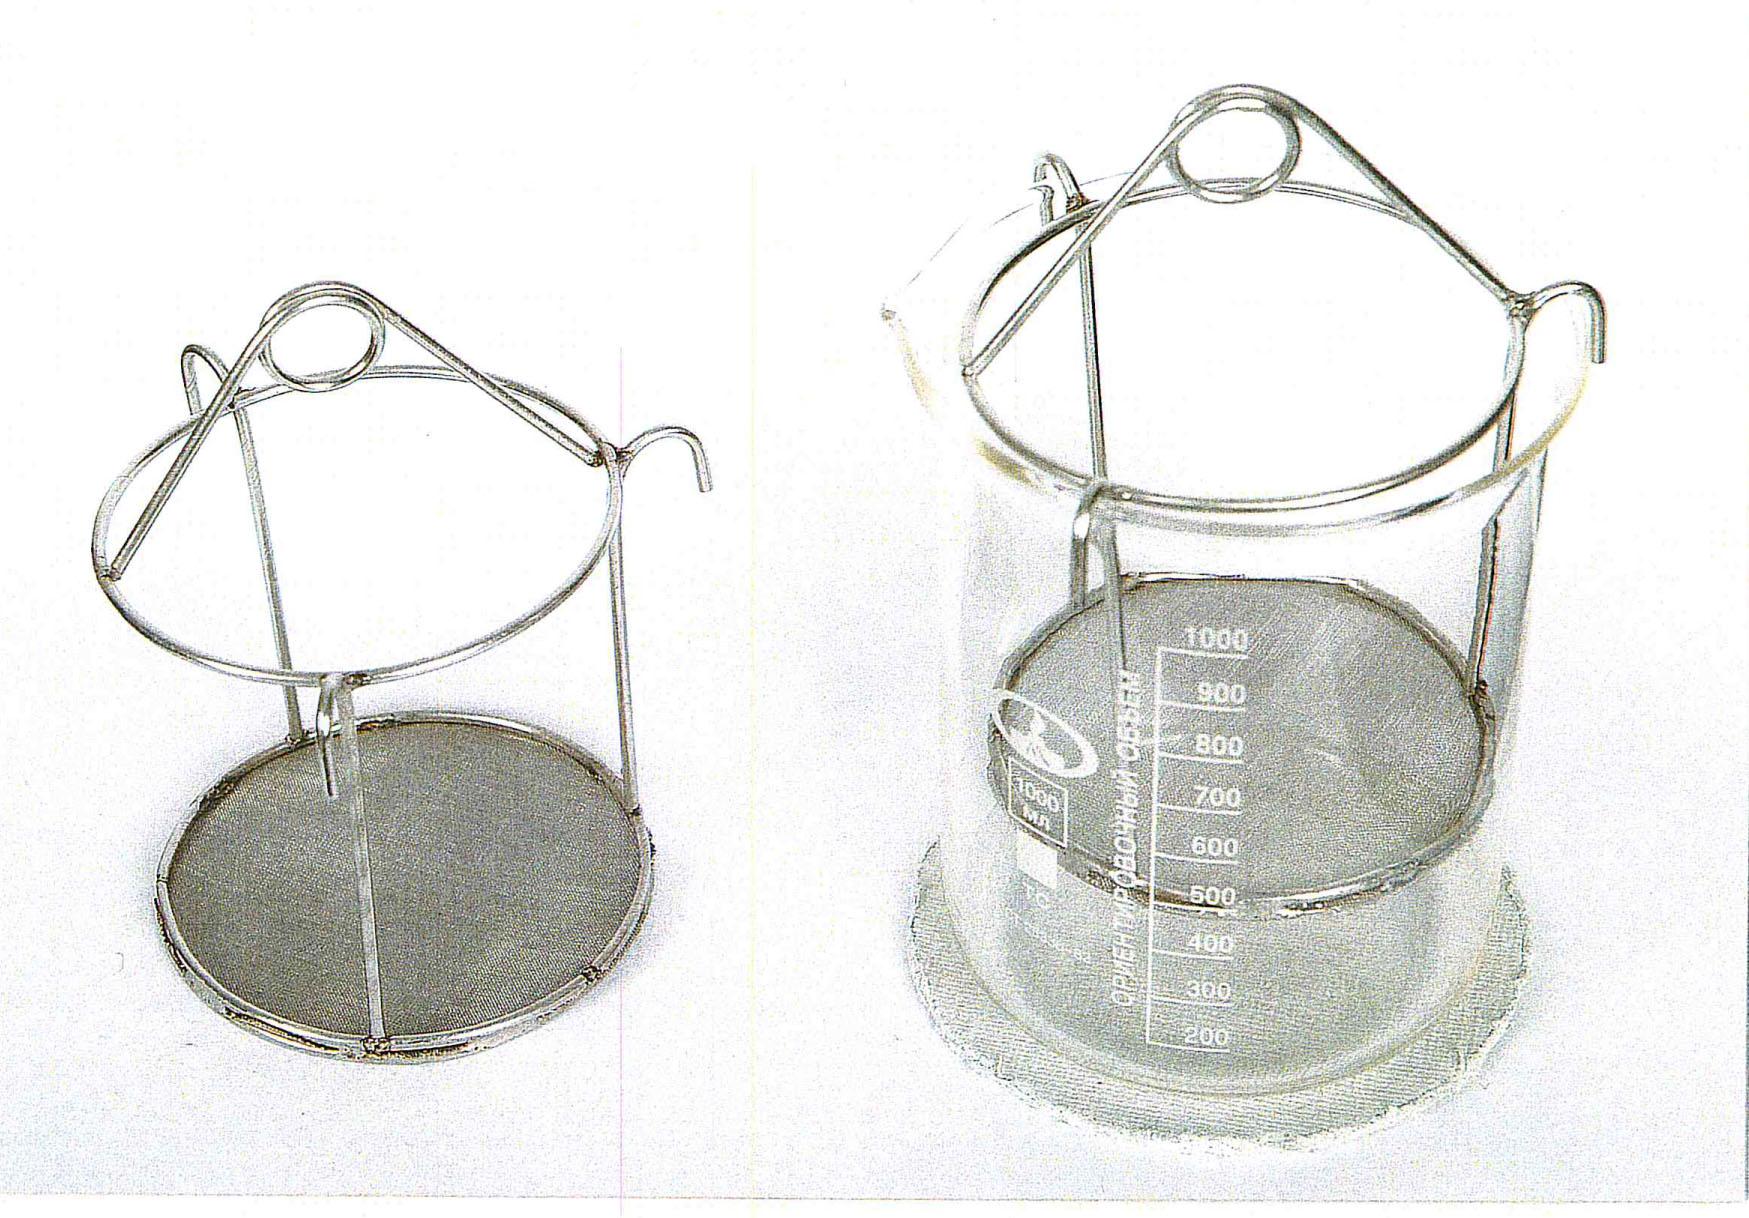 2.54. Сетка мет.№014 с дужками в компл. со стаканом В-1-1000 (ГОСТ 11508-74)